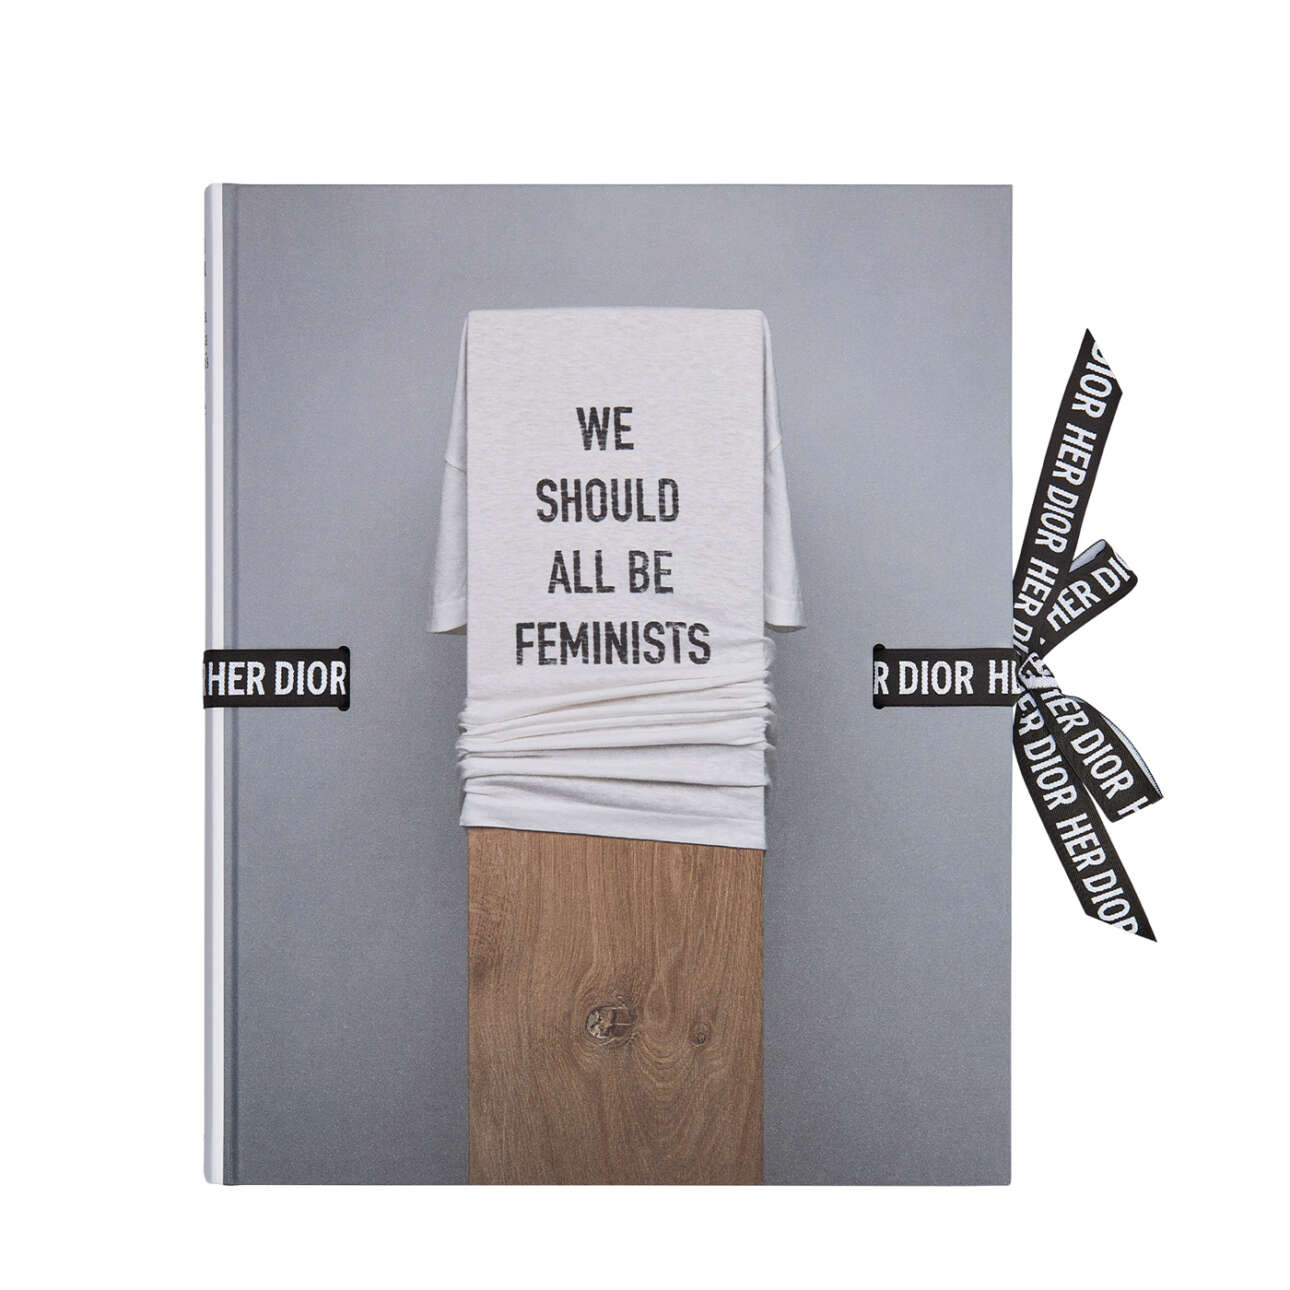 Το διάσημο μακό που γράφει «Πρέπει όλοι να είμαστε φεμινιστές» από τη πρώτη συλλογή της σχεδιάστριας Μαρία Γκράτσια Κιουρί για τον οίκο Dior, κοσμεί το εξώφυλλο του βιβλίου «Her Dior»